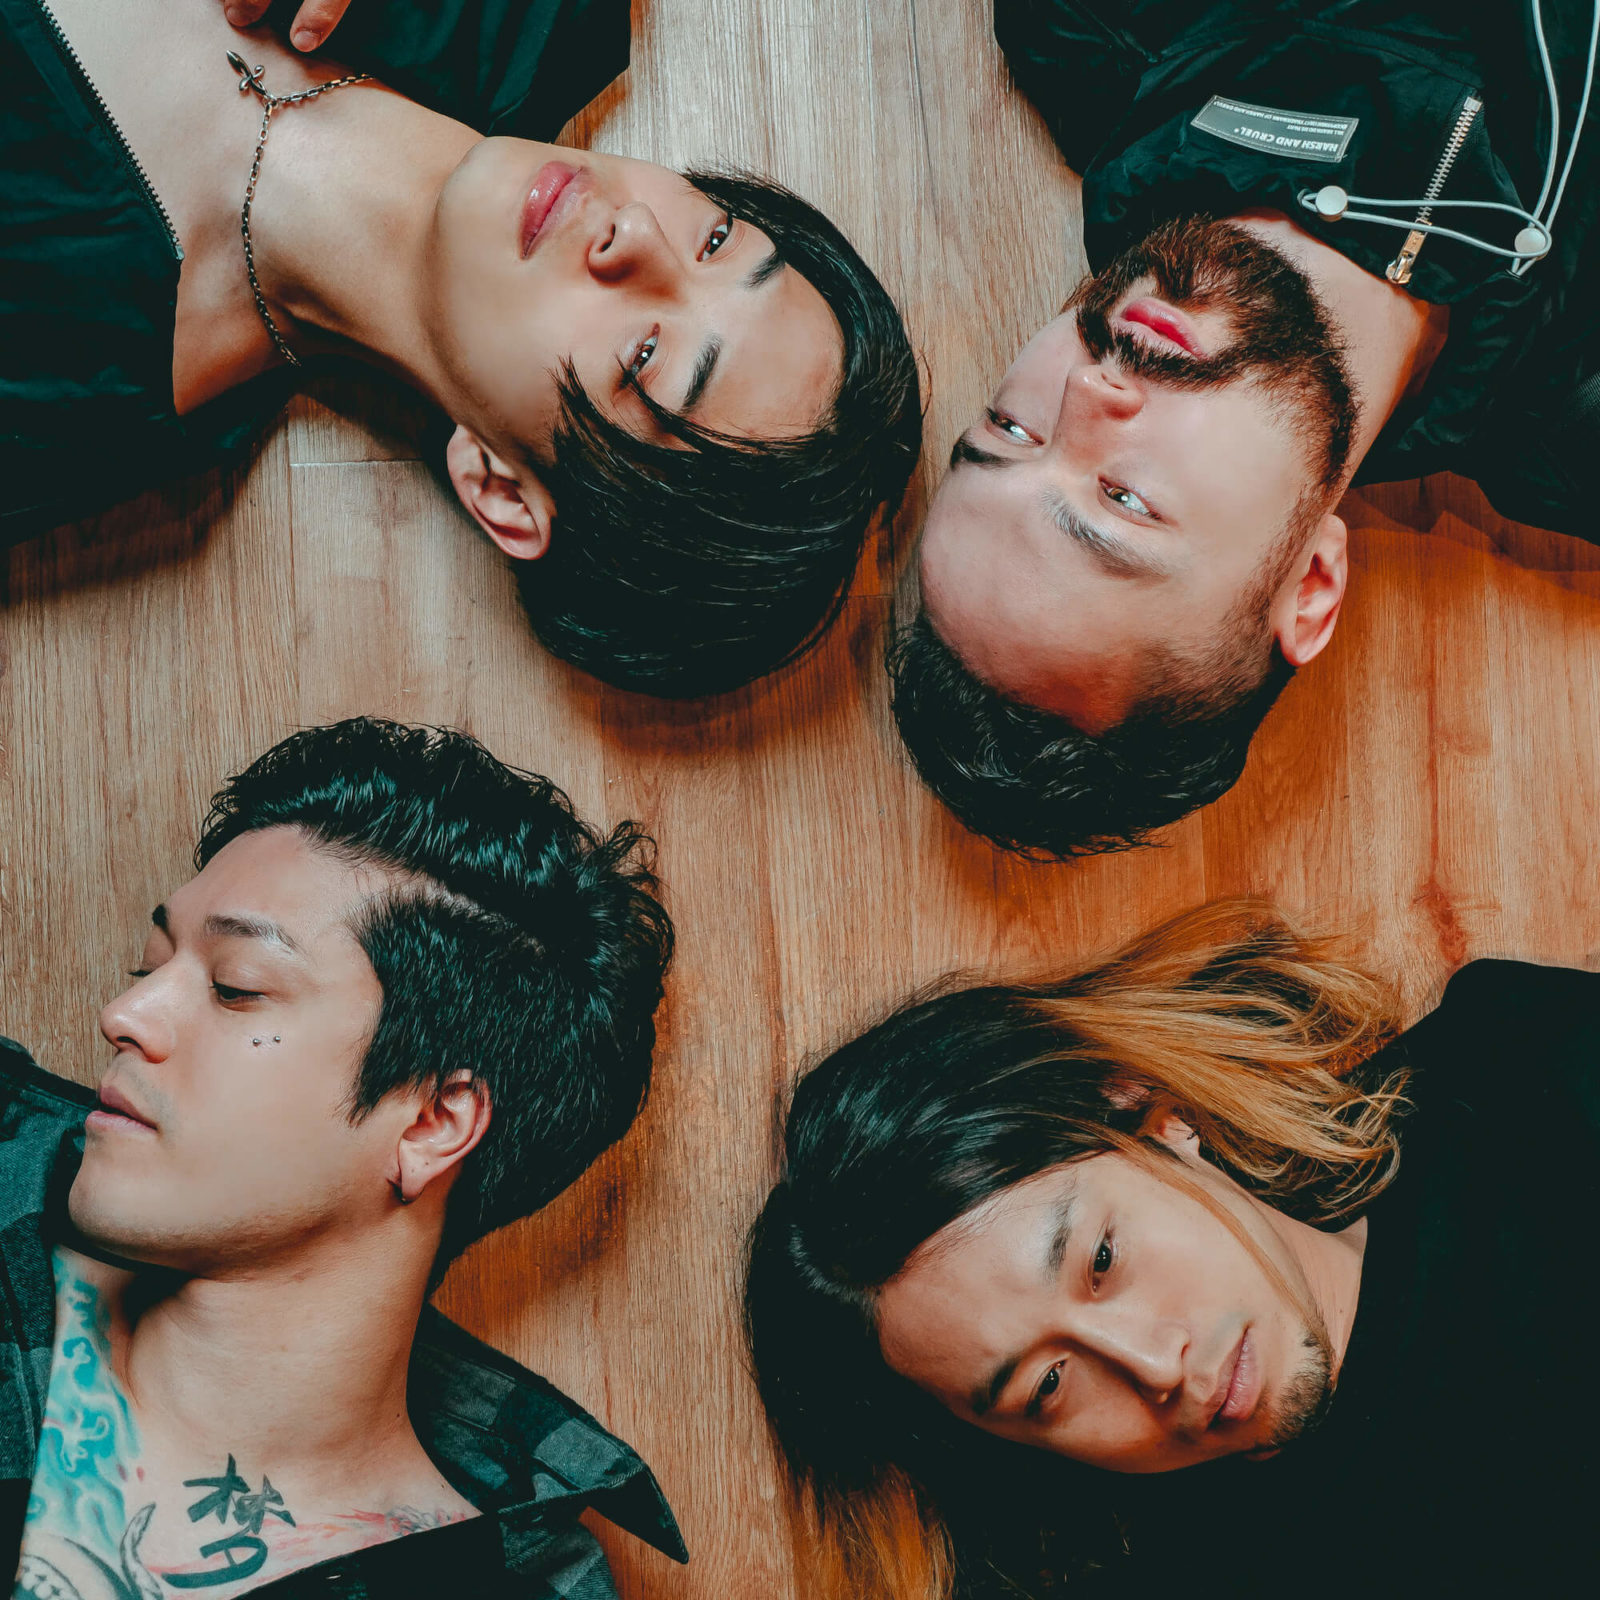 シティメタルコア・バンドMAKE MY DAY、来年リリースのフル・アルバム「Mind Haven」リリース・ツアーを発表サムネイル画像